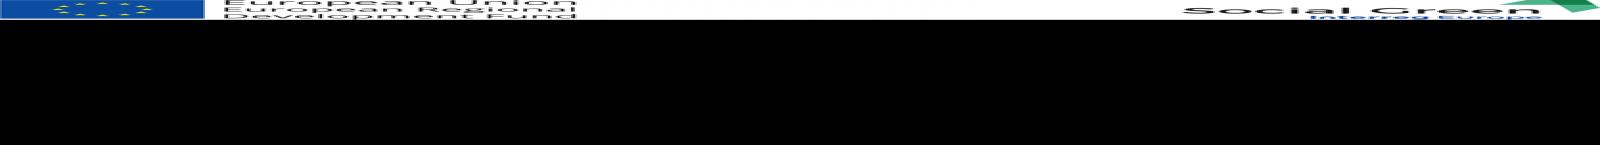 logo-socialgreen-835x76_0.png